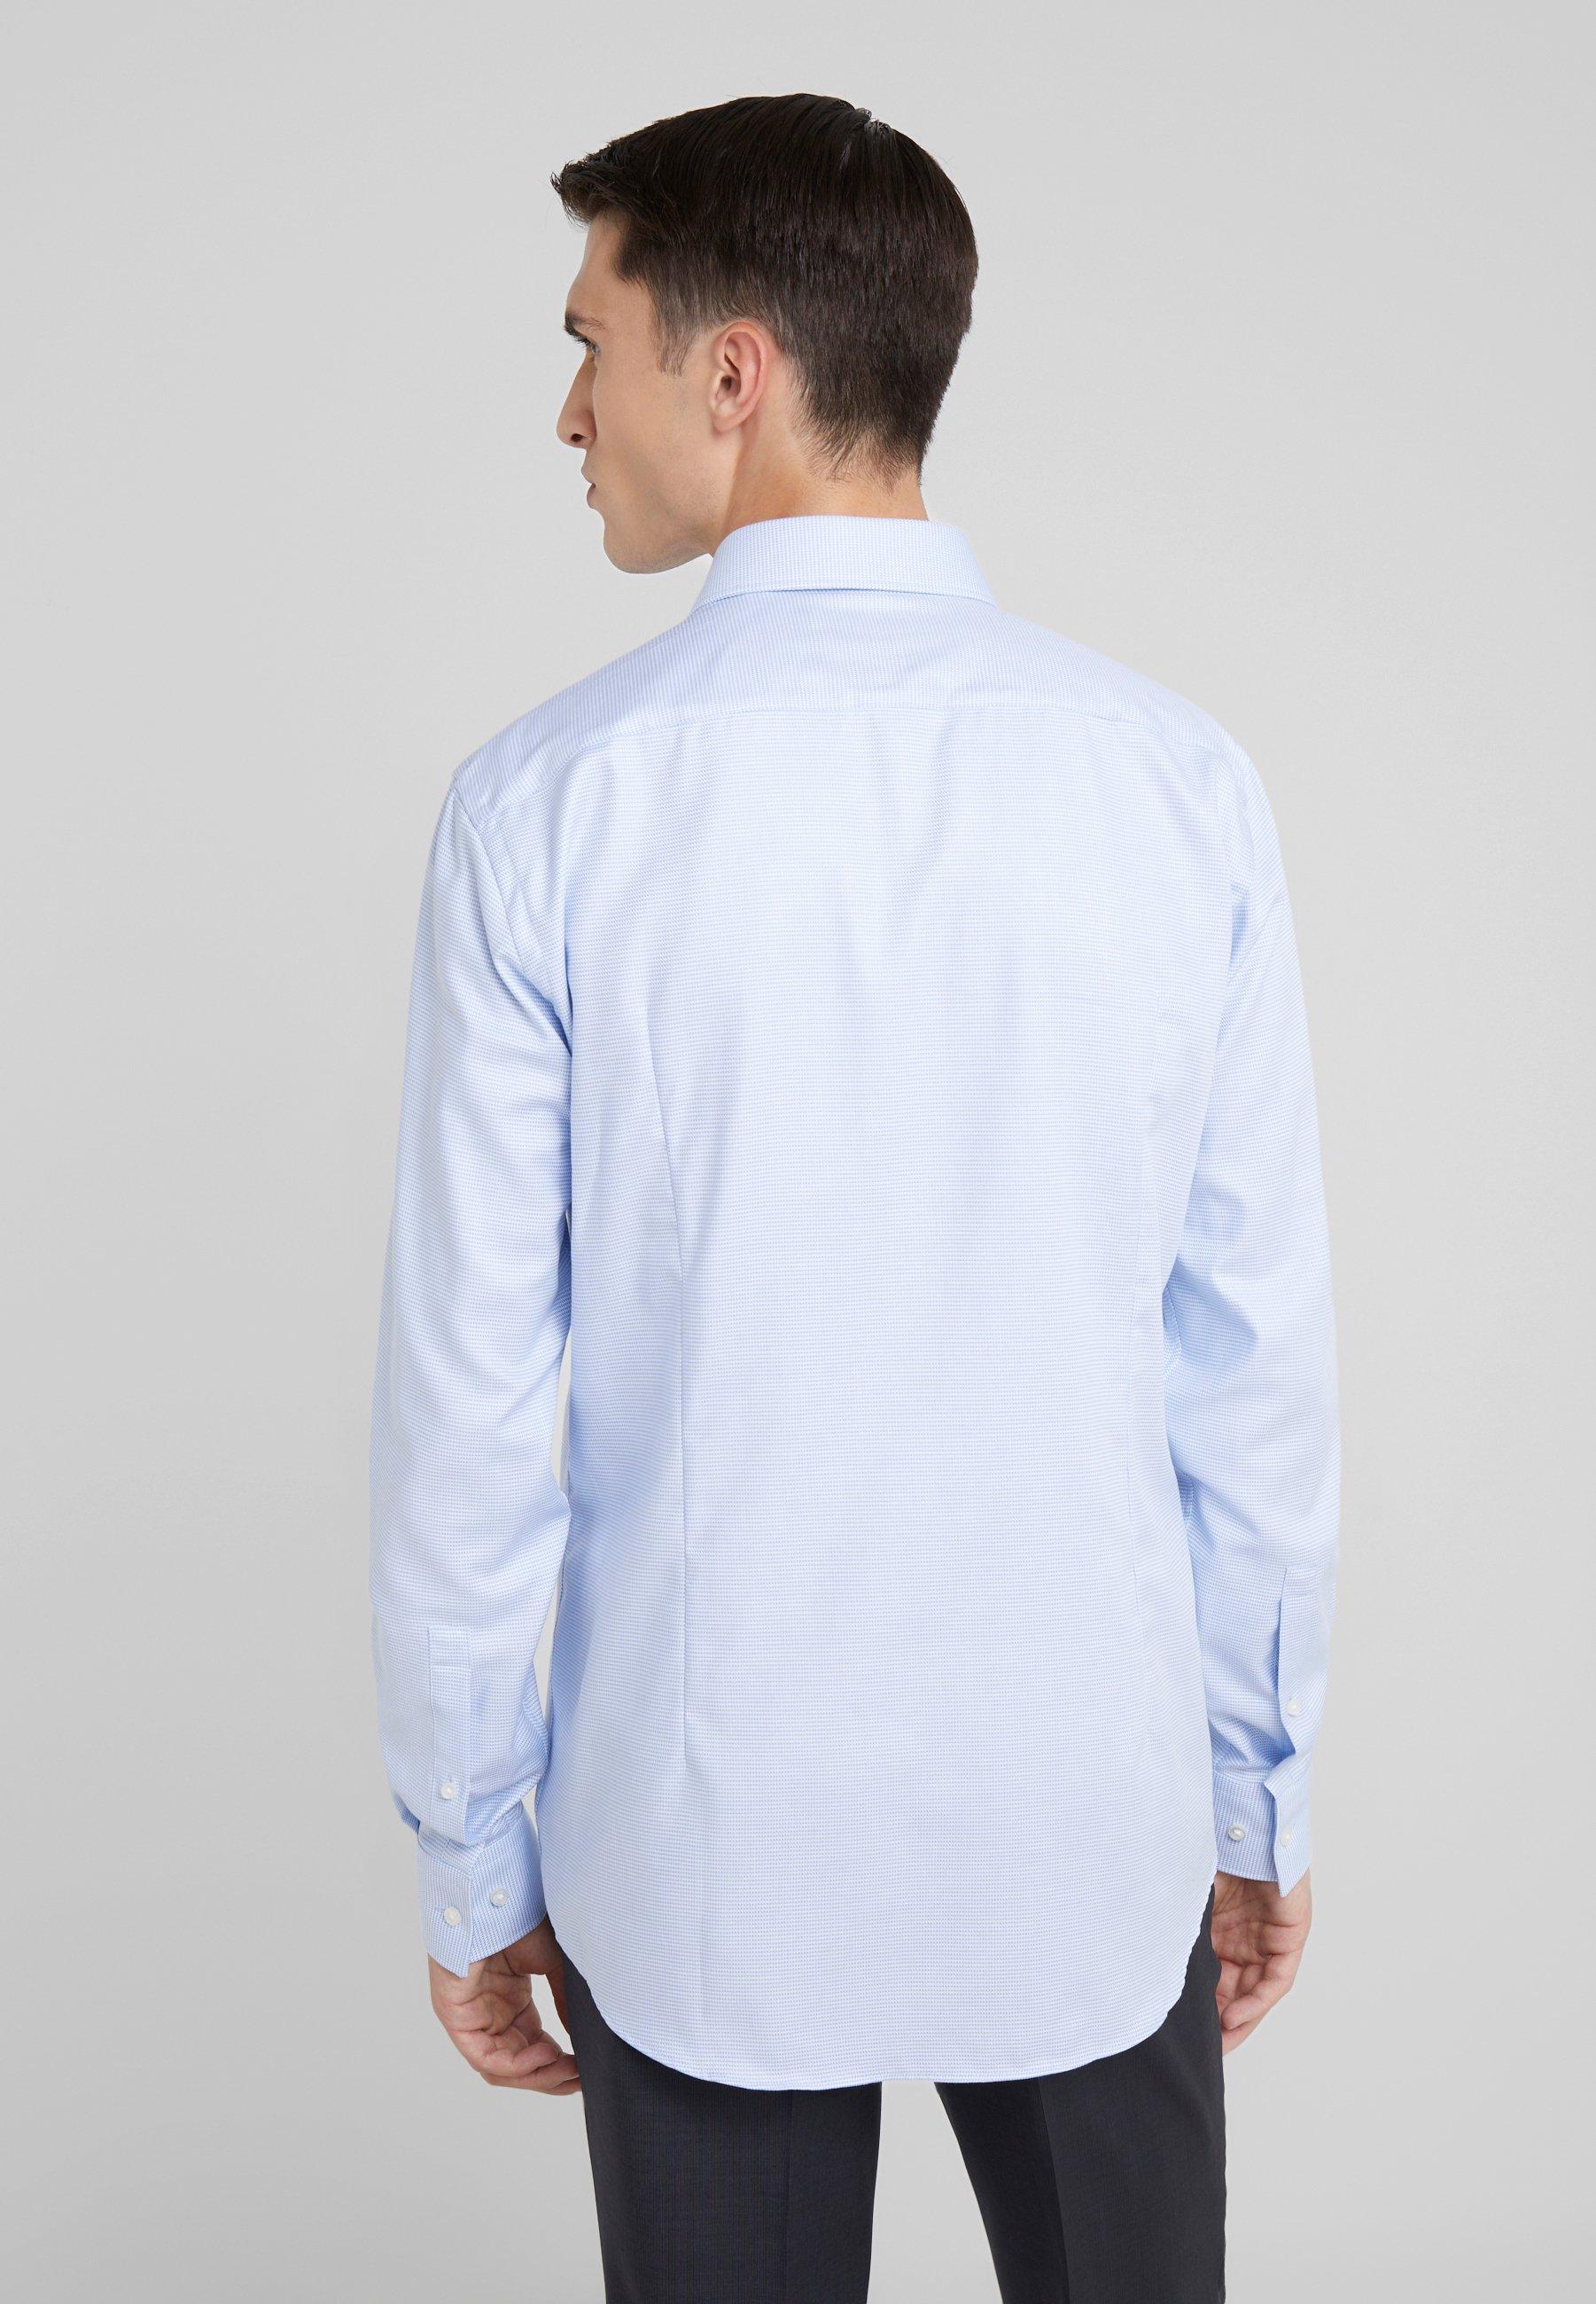 Pastel Hugo Classique Kason Light Slim FitChemise Blue WHIDE29Y